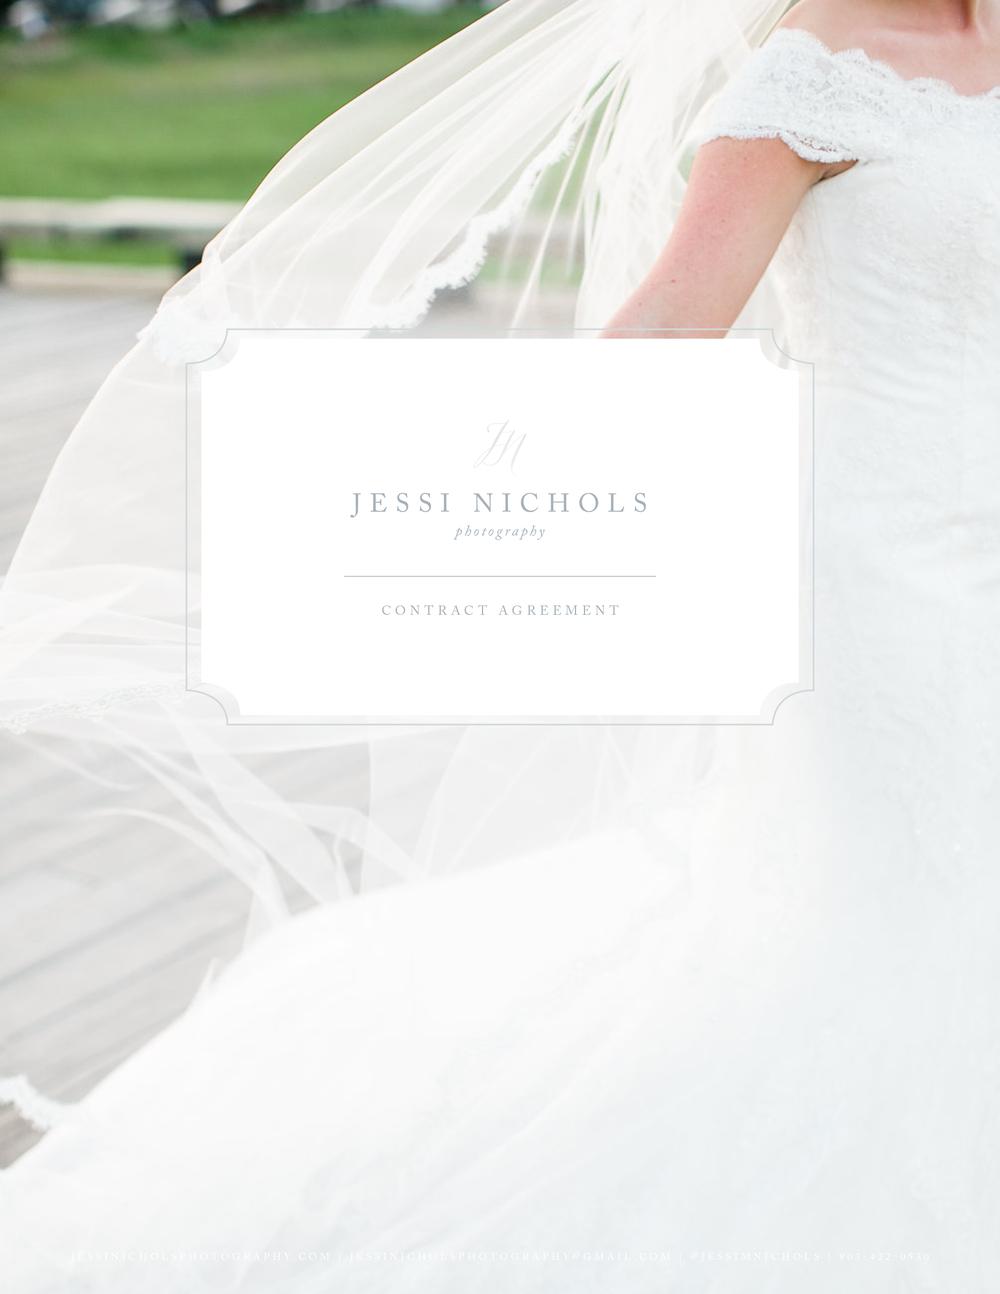 Jessi Nichols Photography Brand Design